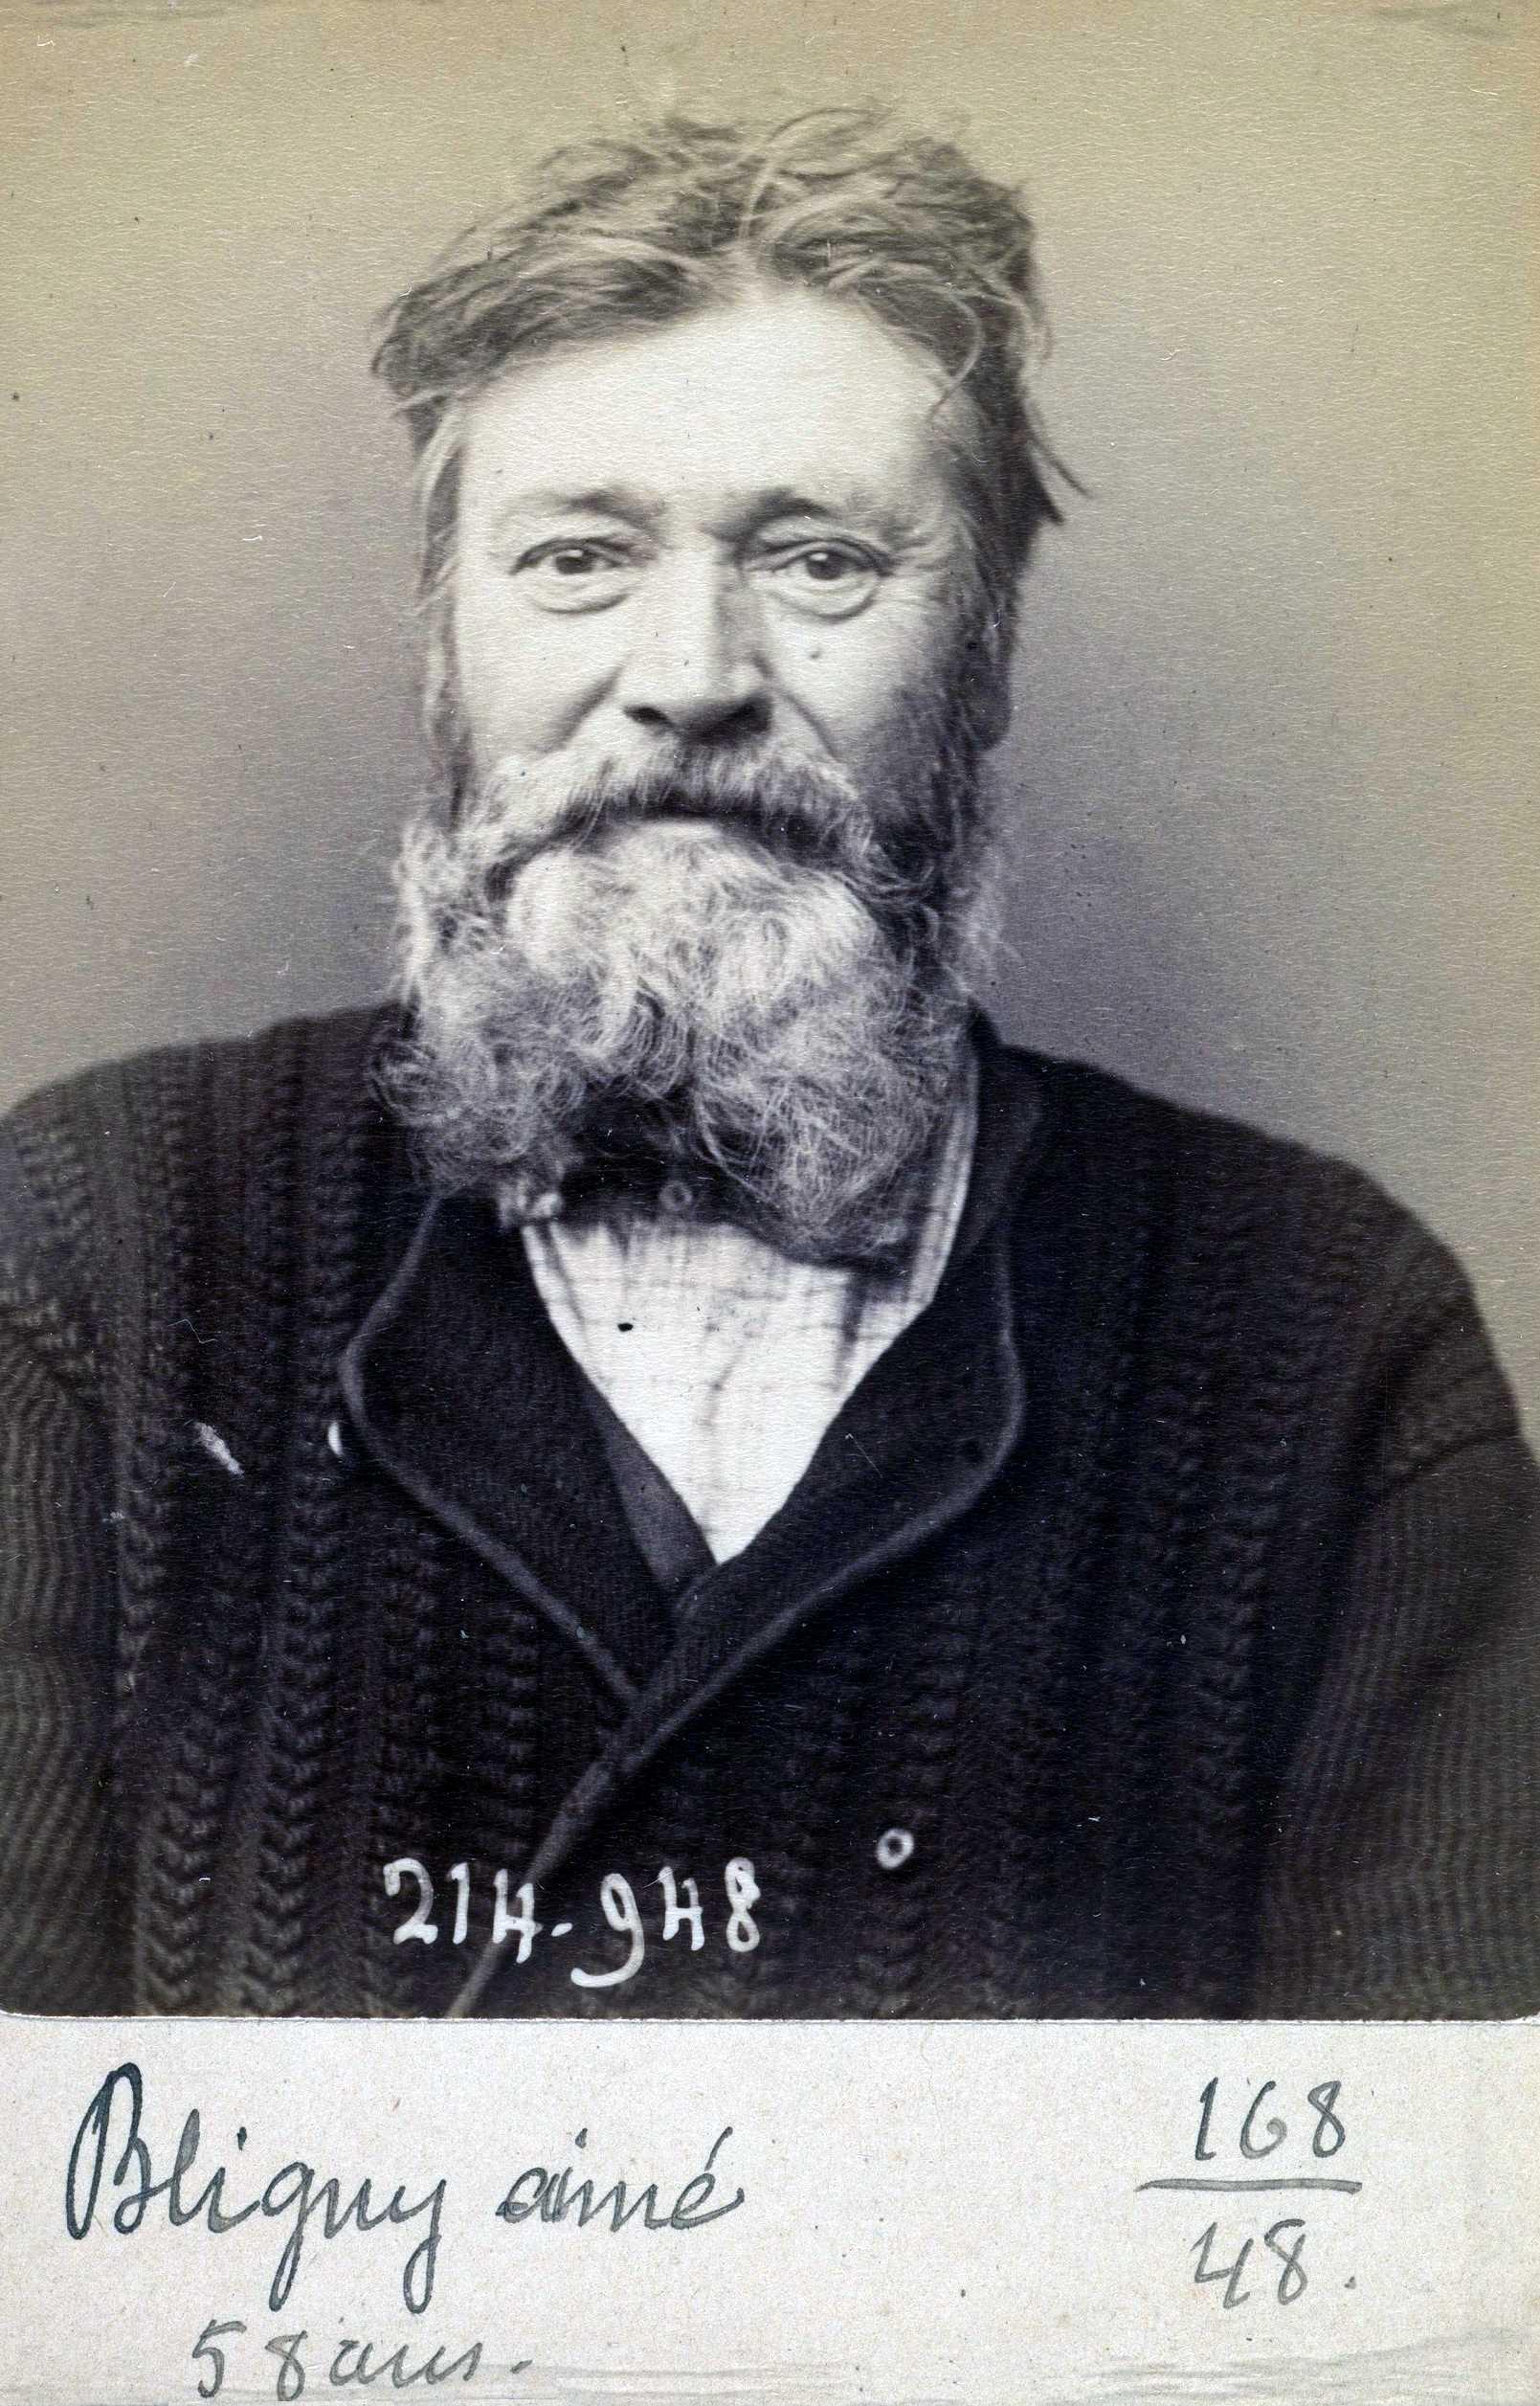 Foto policíaca d'Aimé Bligny (2 de març de 1894)